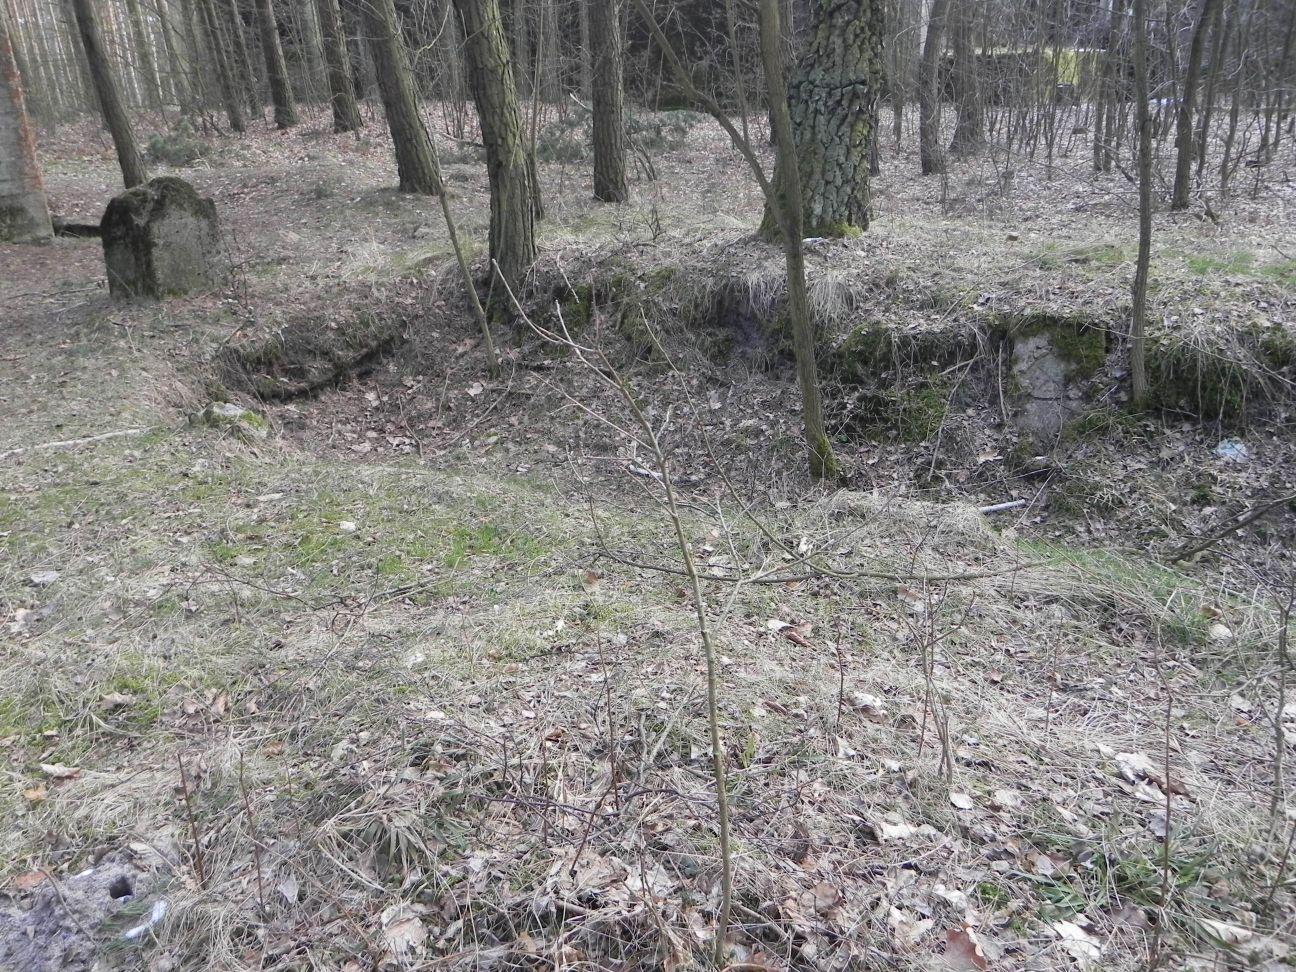 Jeleń - Bunkier Uzdatniania Wody (55)